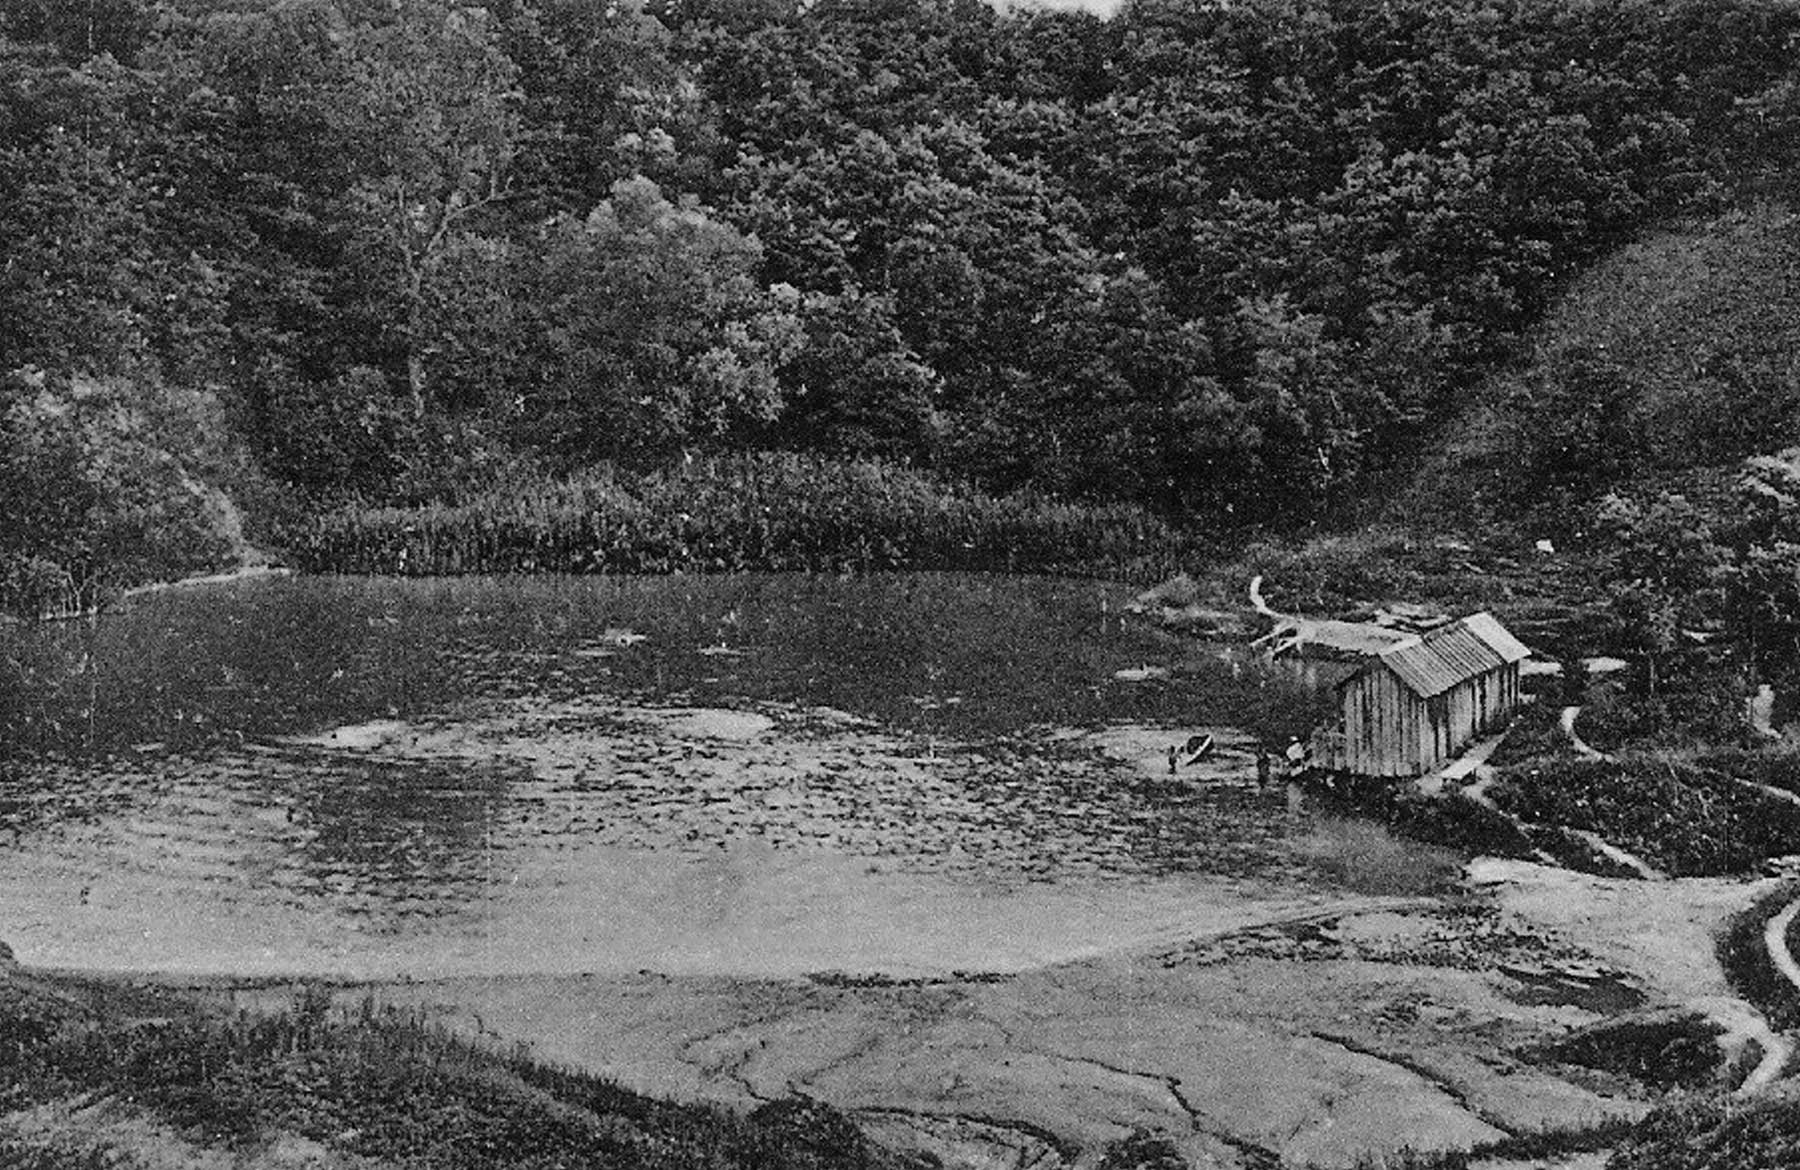 Durgău_ lacul nr.2 (lacul Durgău), în anul 1931